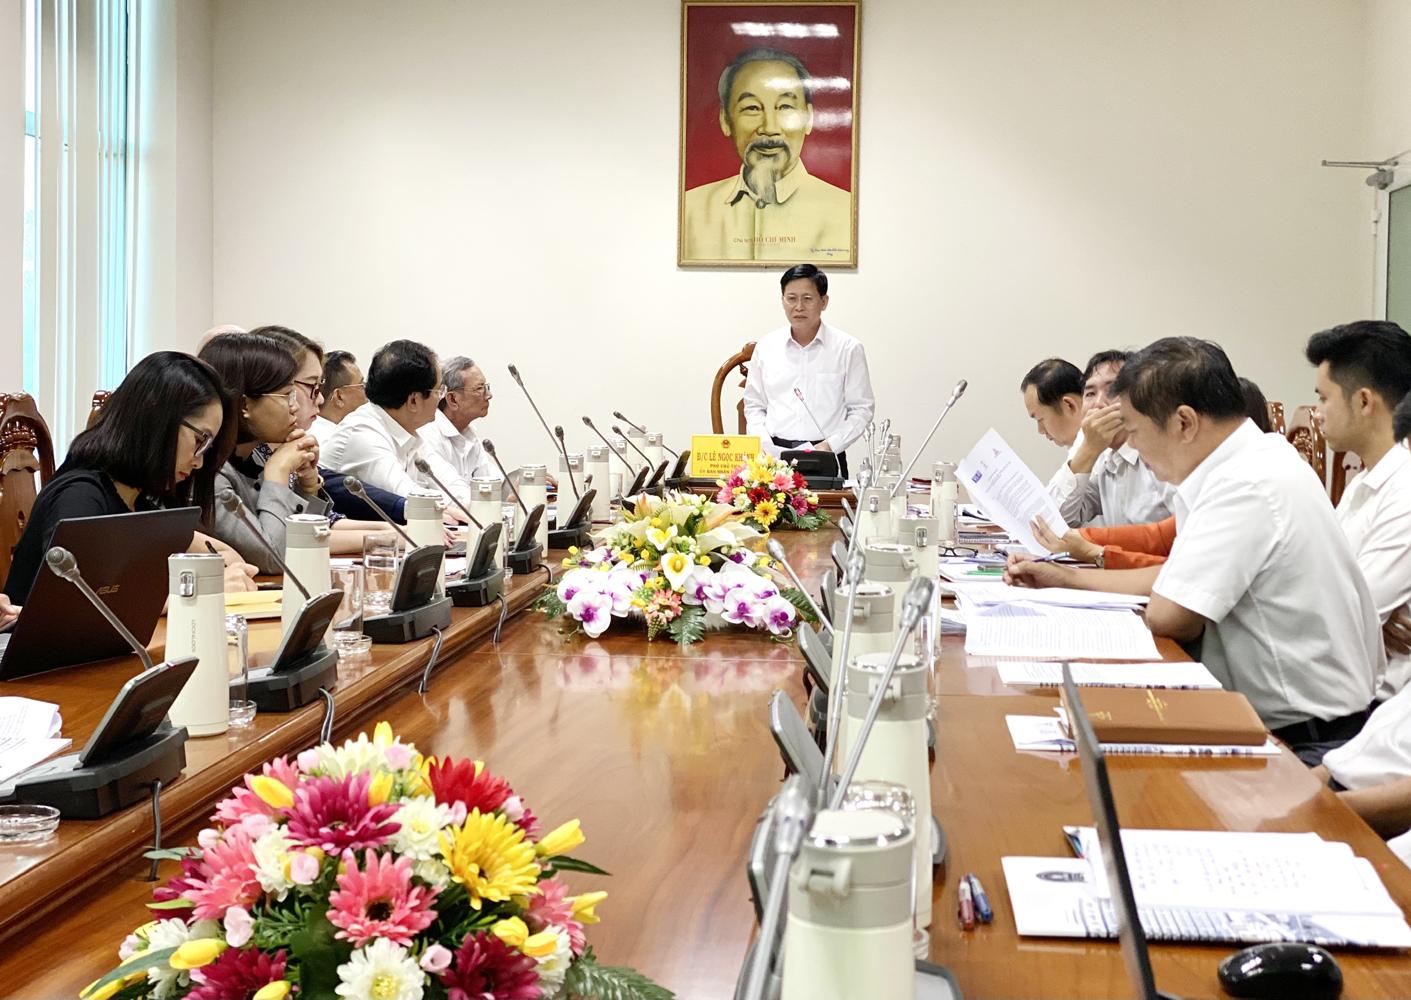 Bà Rịa- Vũng Tàu: Nguồn nhân lực đạt chuẩn quốc tế là yếu tố quan trọng để phát triển du lịch chất lượng cao